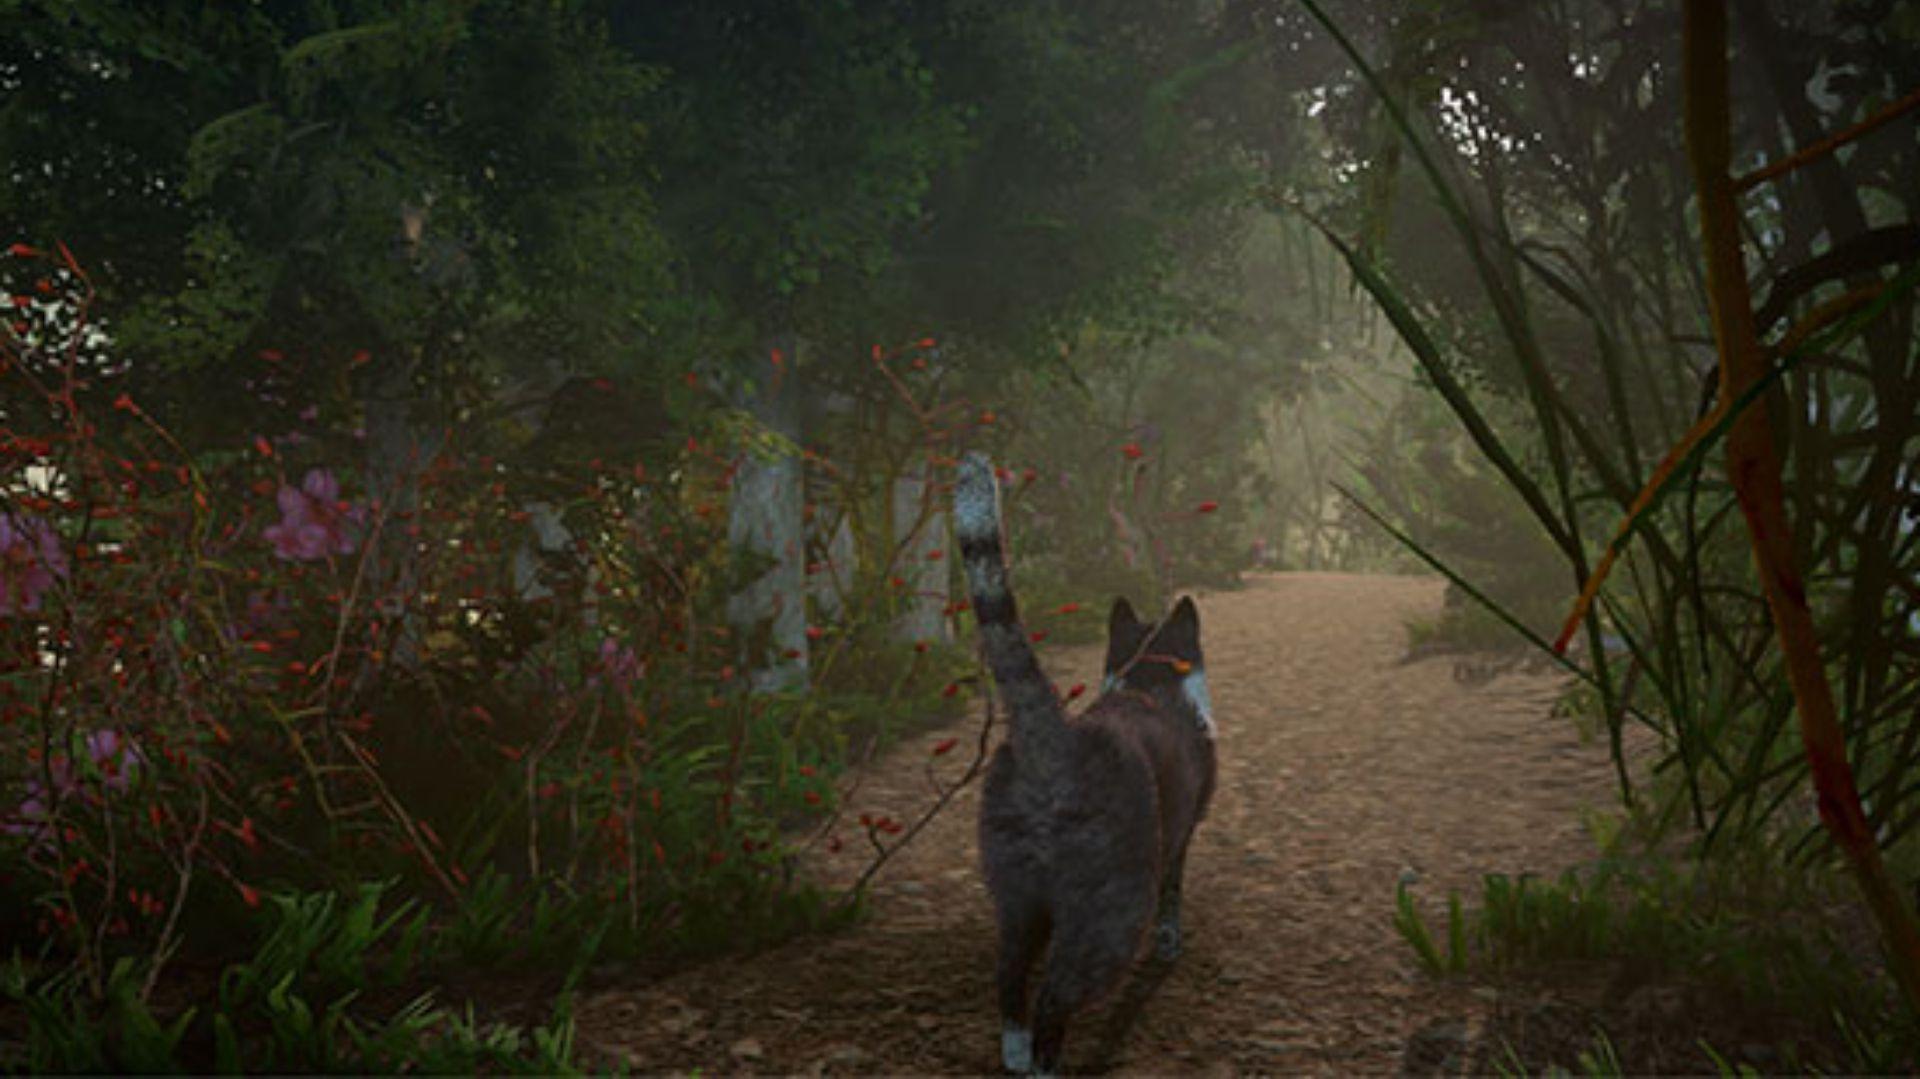 La gata Elizabeth es la protagonista de la historia (Foto: Captura de pantalla de Twitter)